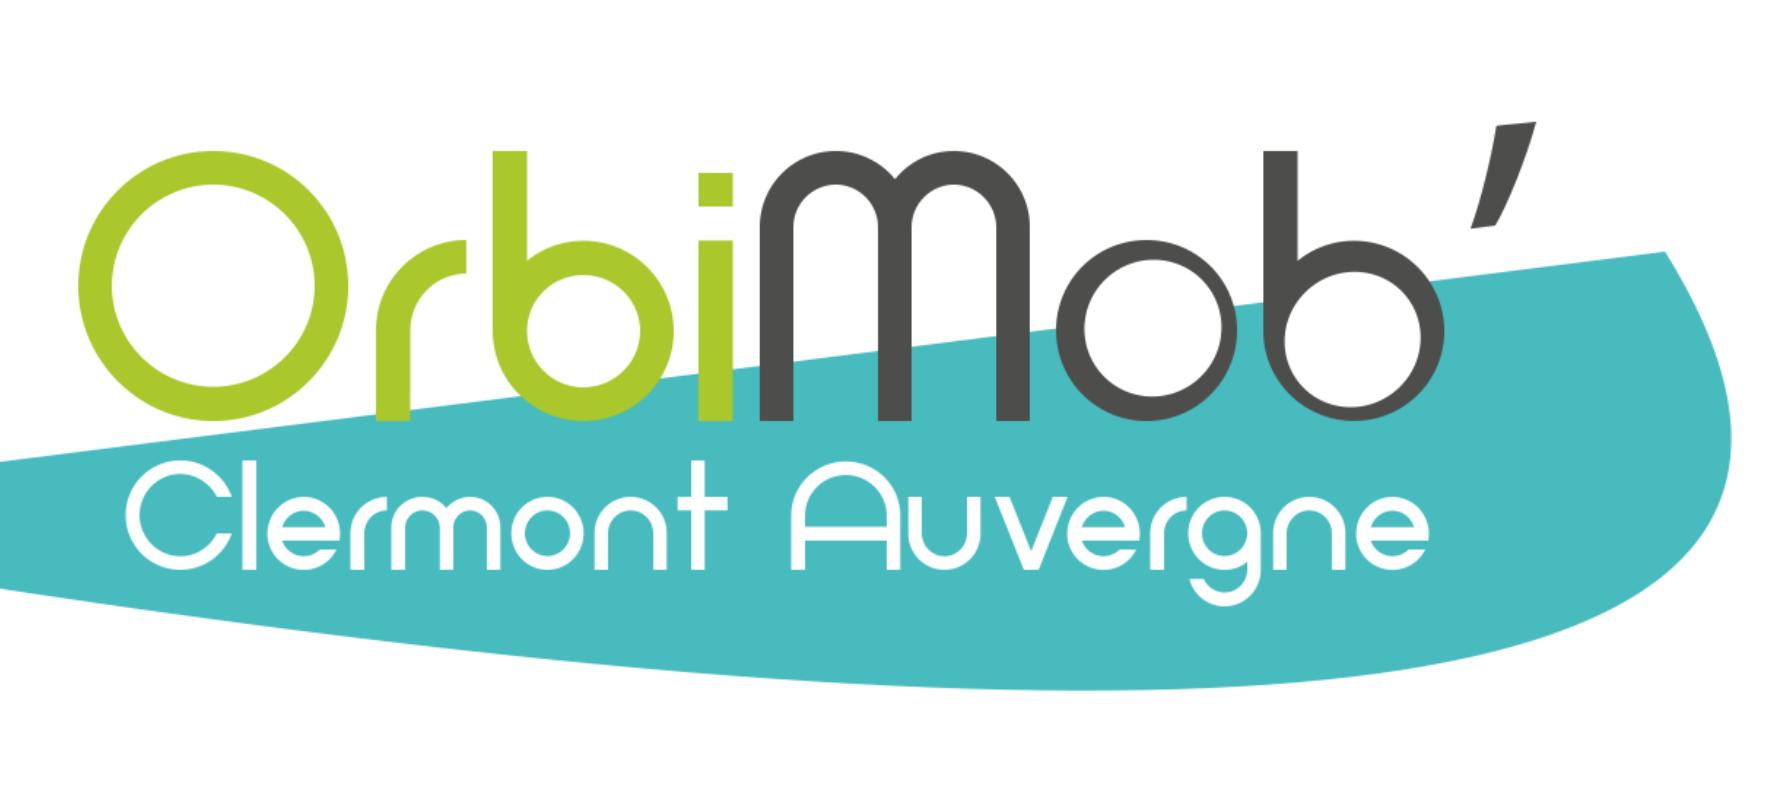 Deux conférences : Mobilités et santé + Mobilités et nouveaux paradigmes techniques @ Ecole de Droit Université Clermont Auvergne - Amphithéatre Michel de L'Hospital | Clermont-Ferrand | Auvergne-Rhône-Alpes | France